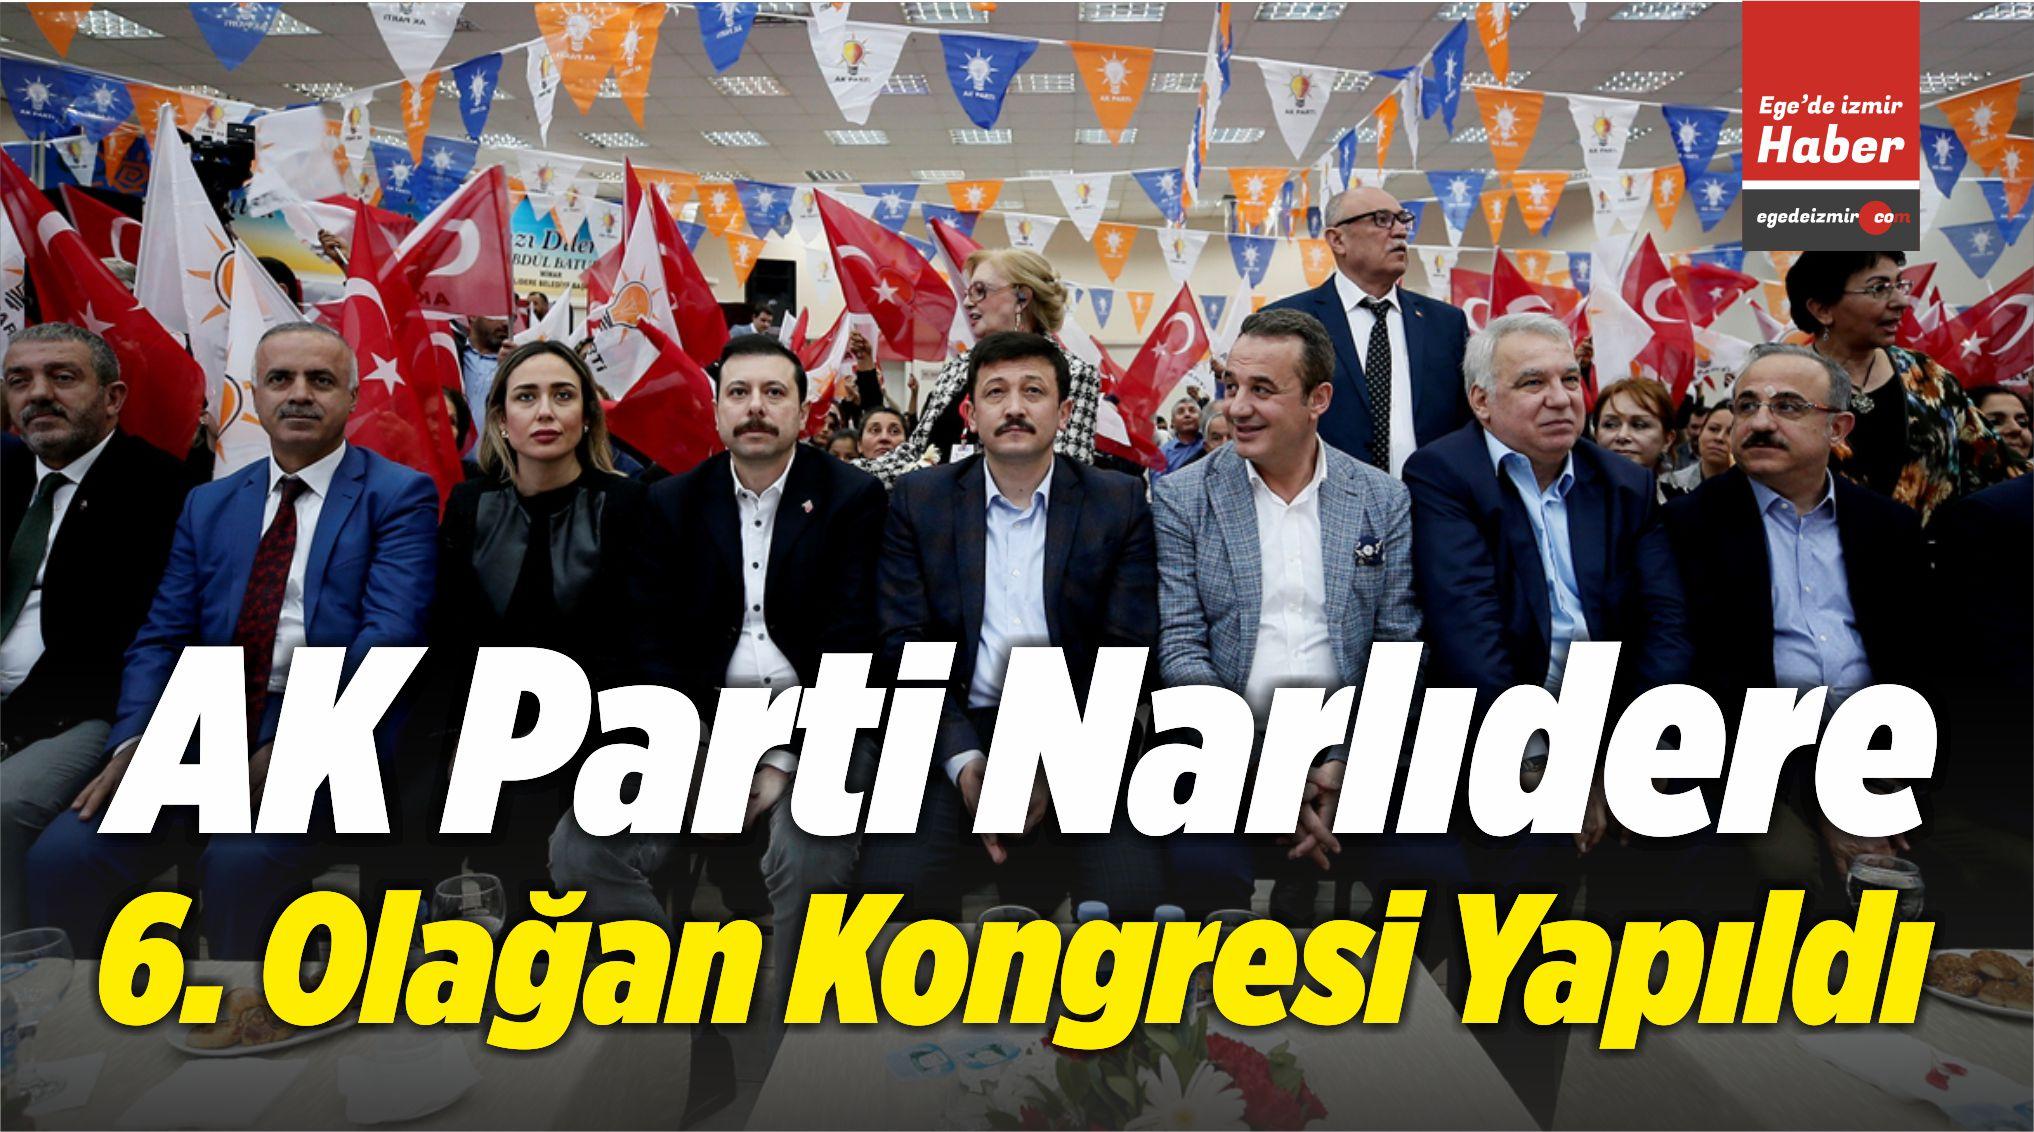 AK Parti Narlıdere 6. Olağan Kongresi Yapıldı